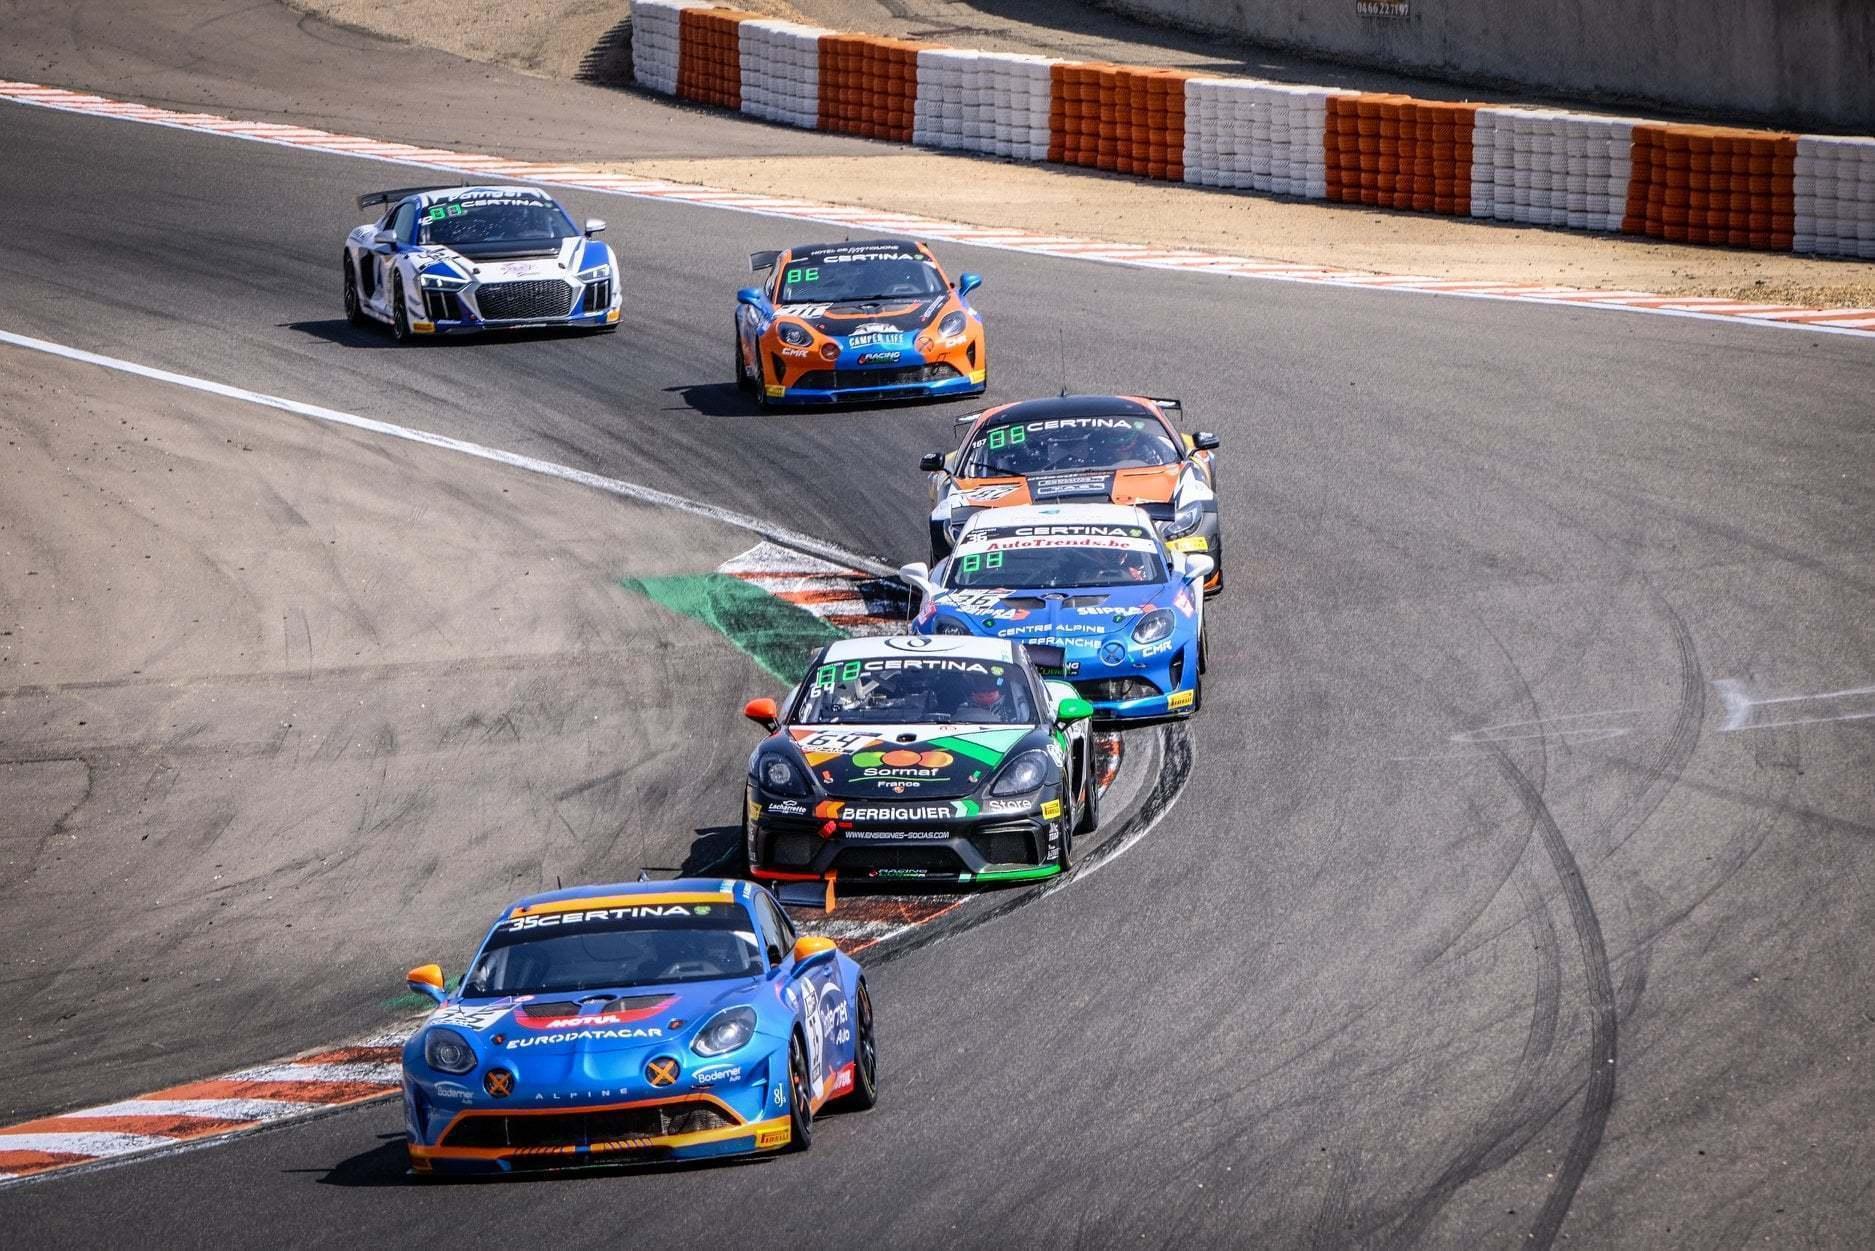 FFSA GT4 Circuit Lédenon Course 1 2019 Bodemer CMR Alpine A110 13 | FFSA GT: Rédélé Compétition s'impose à Lédenon ! (Course 1)